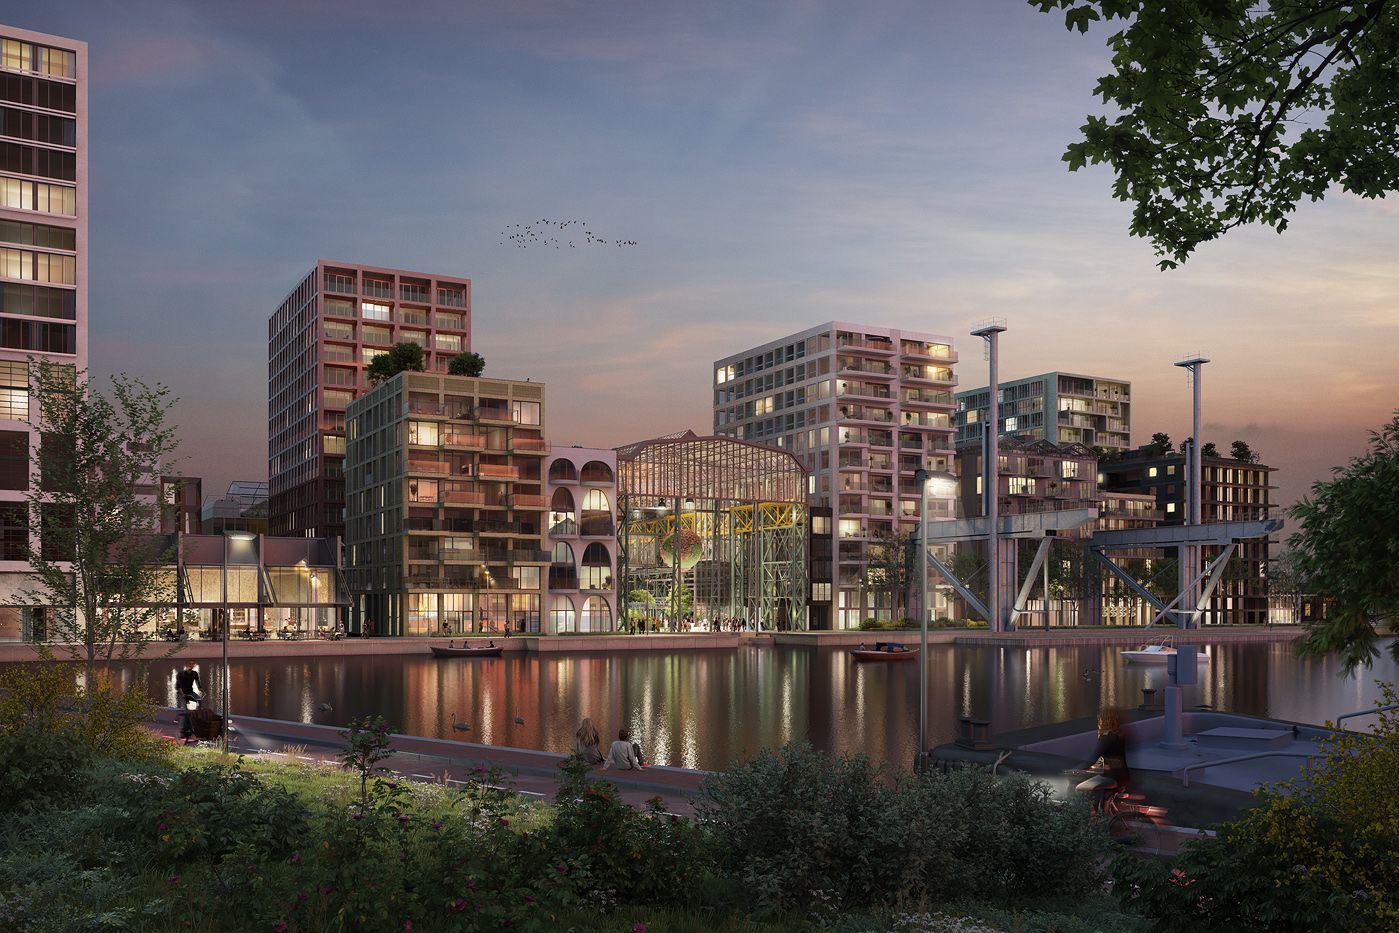 Bekijk foto 4 van Oostenburgermiddenstraat 180 t/m 186